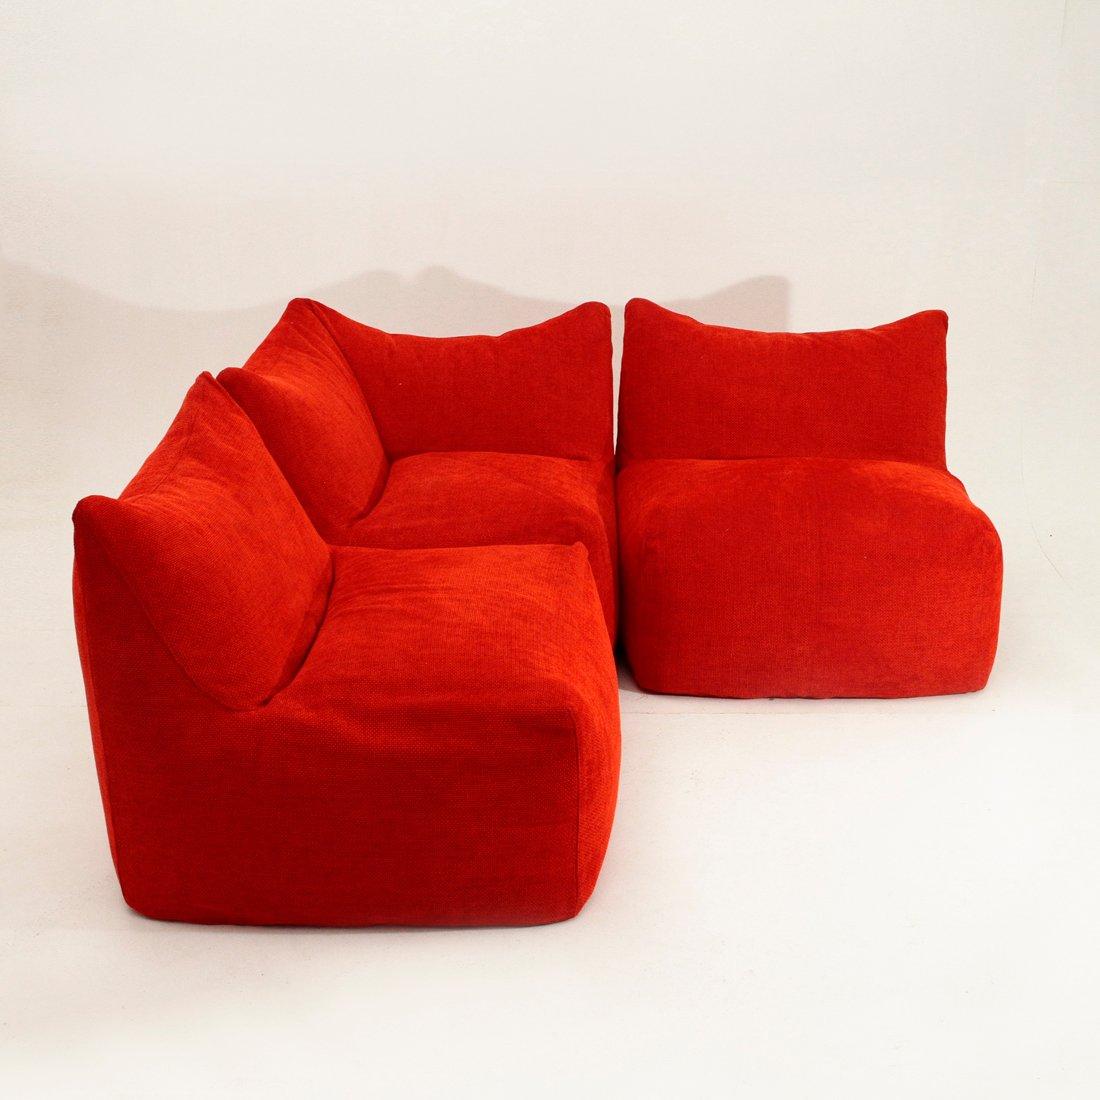 Le Bambole Modular Sofa By Mario Bellini For B B Italia